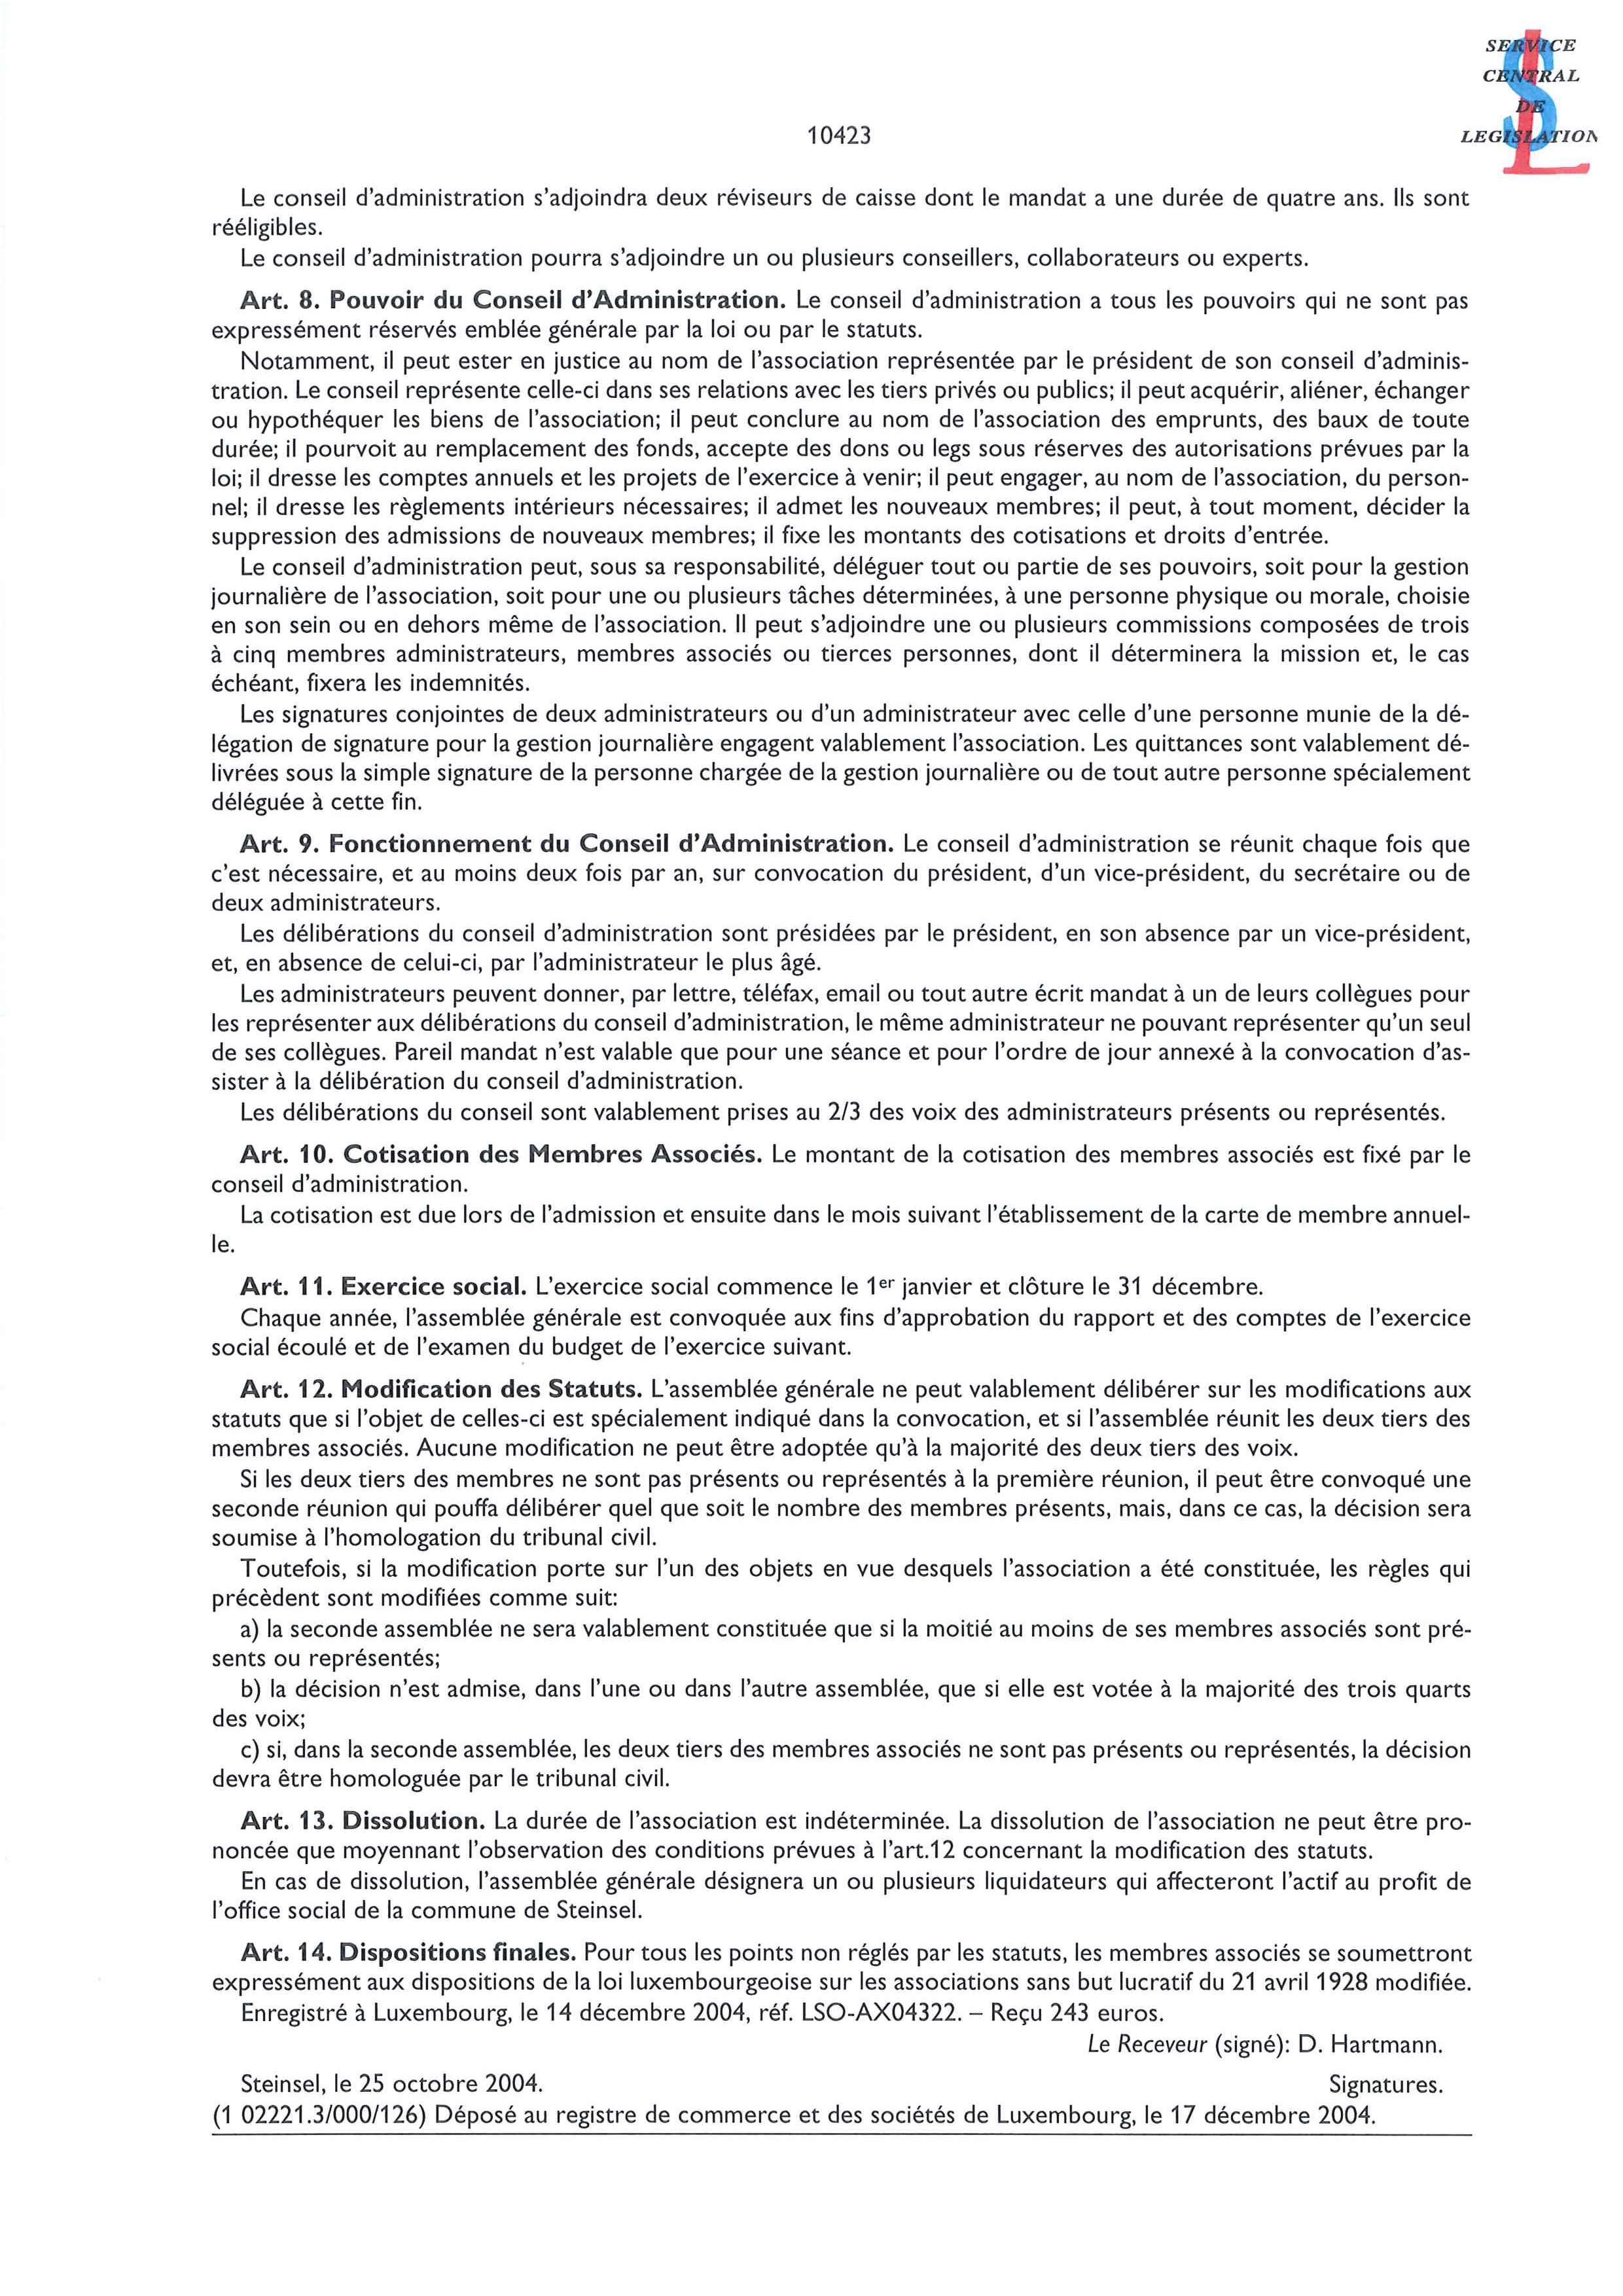 20041025_AAH_Statut_Memorial_Page_2